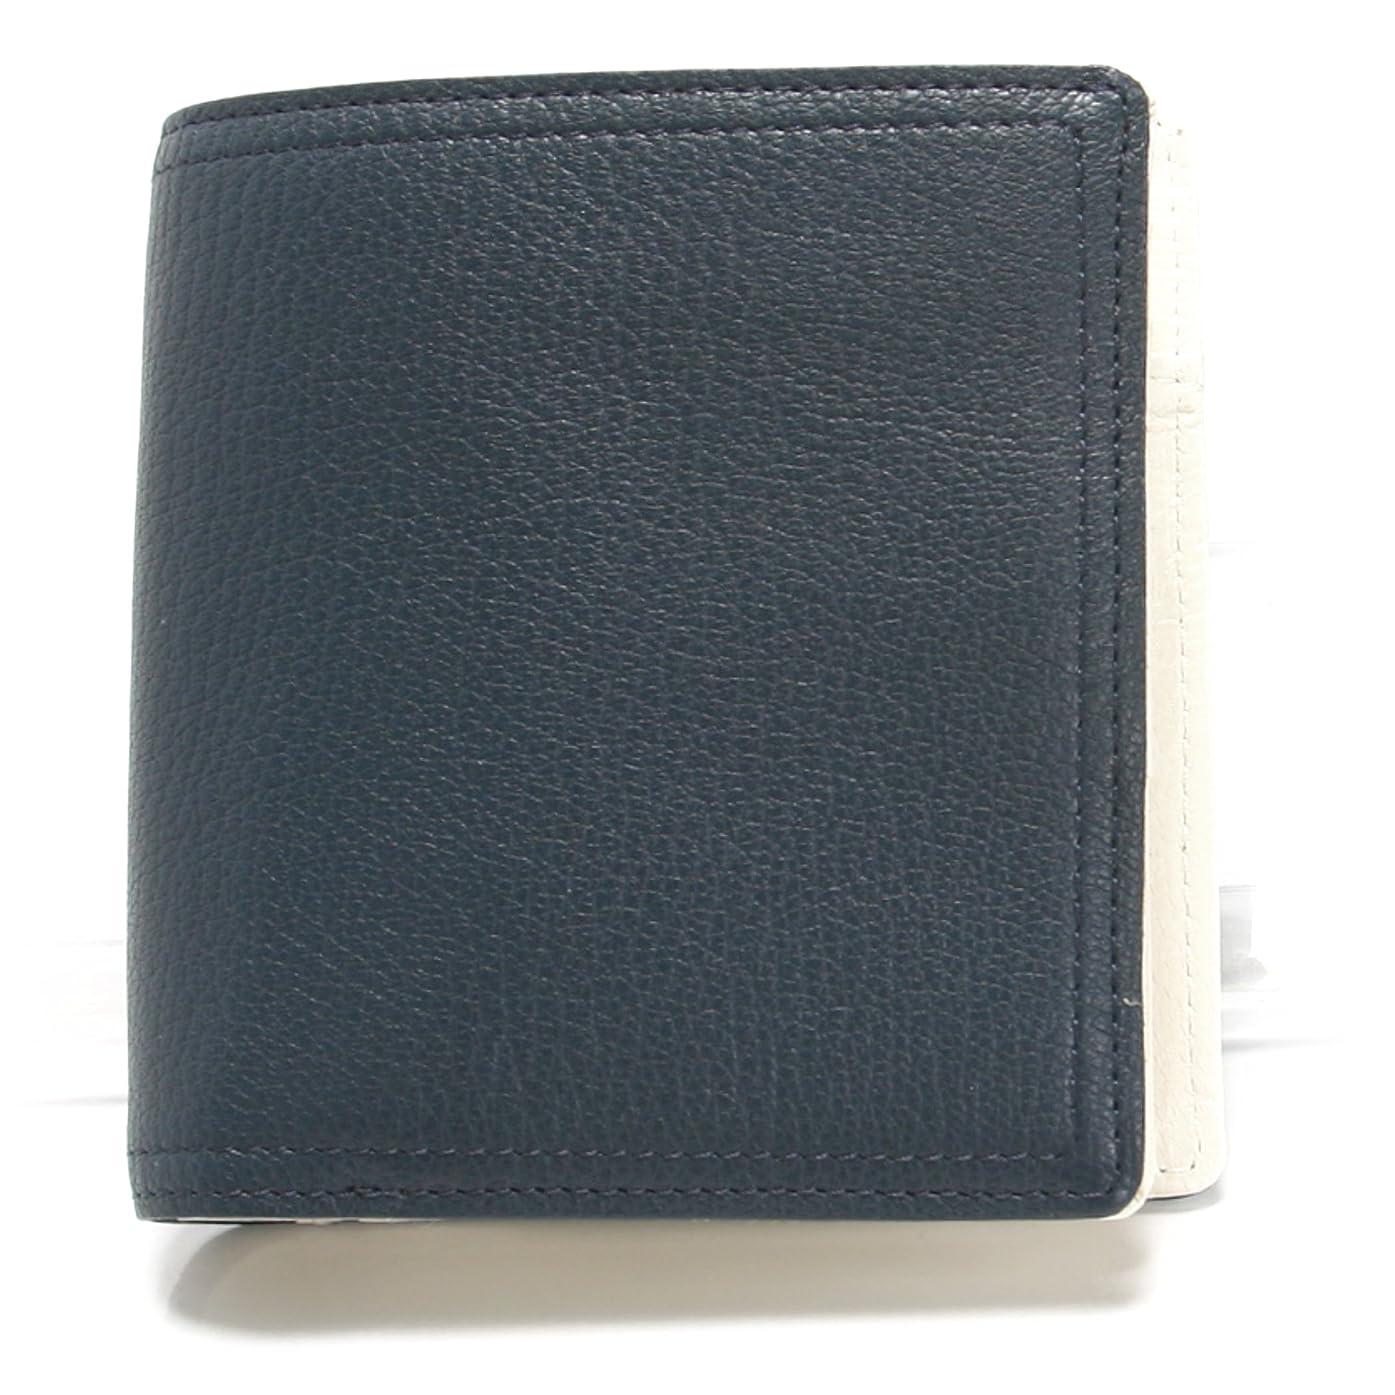 オーバーフロー分注するフィット(ポーター) PORTER 吉田カバン ダブル 財布 二つ折り財布 129-06012 メンズ レディース 革 本革 レザー